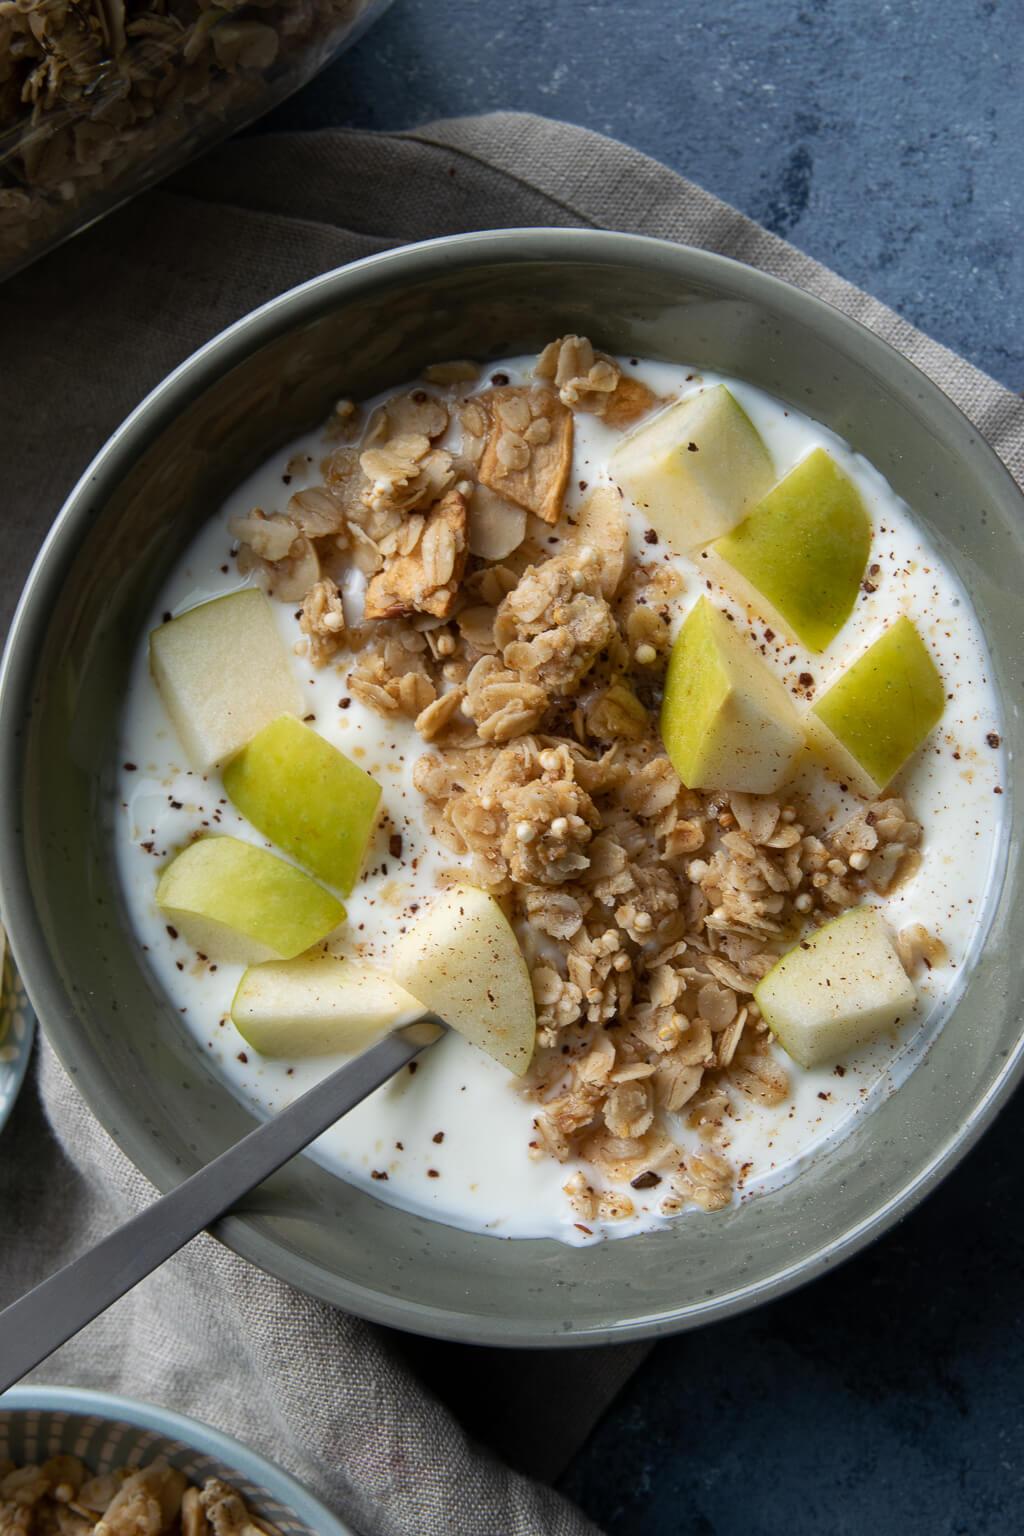 Frühstücksbowl mit Apfel und selbst gemachtem Granola